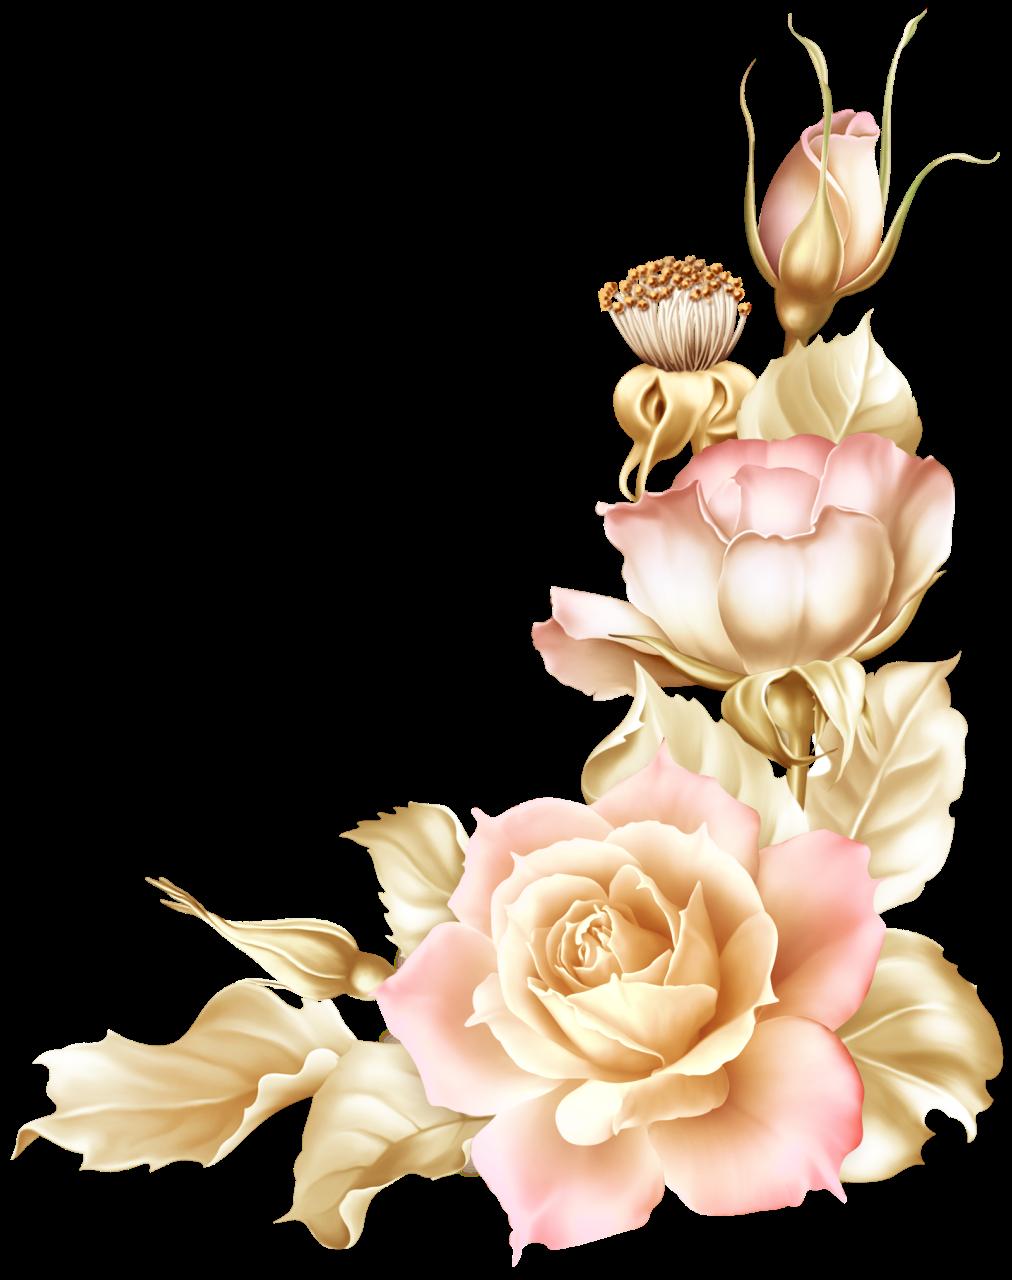 Winter Roses Arte Flor Quadro De Flores Flores Pintadas